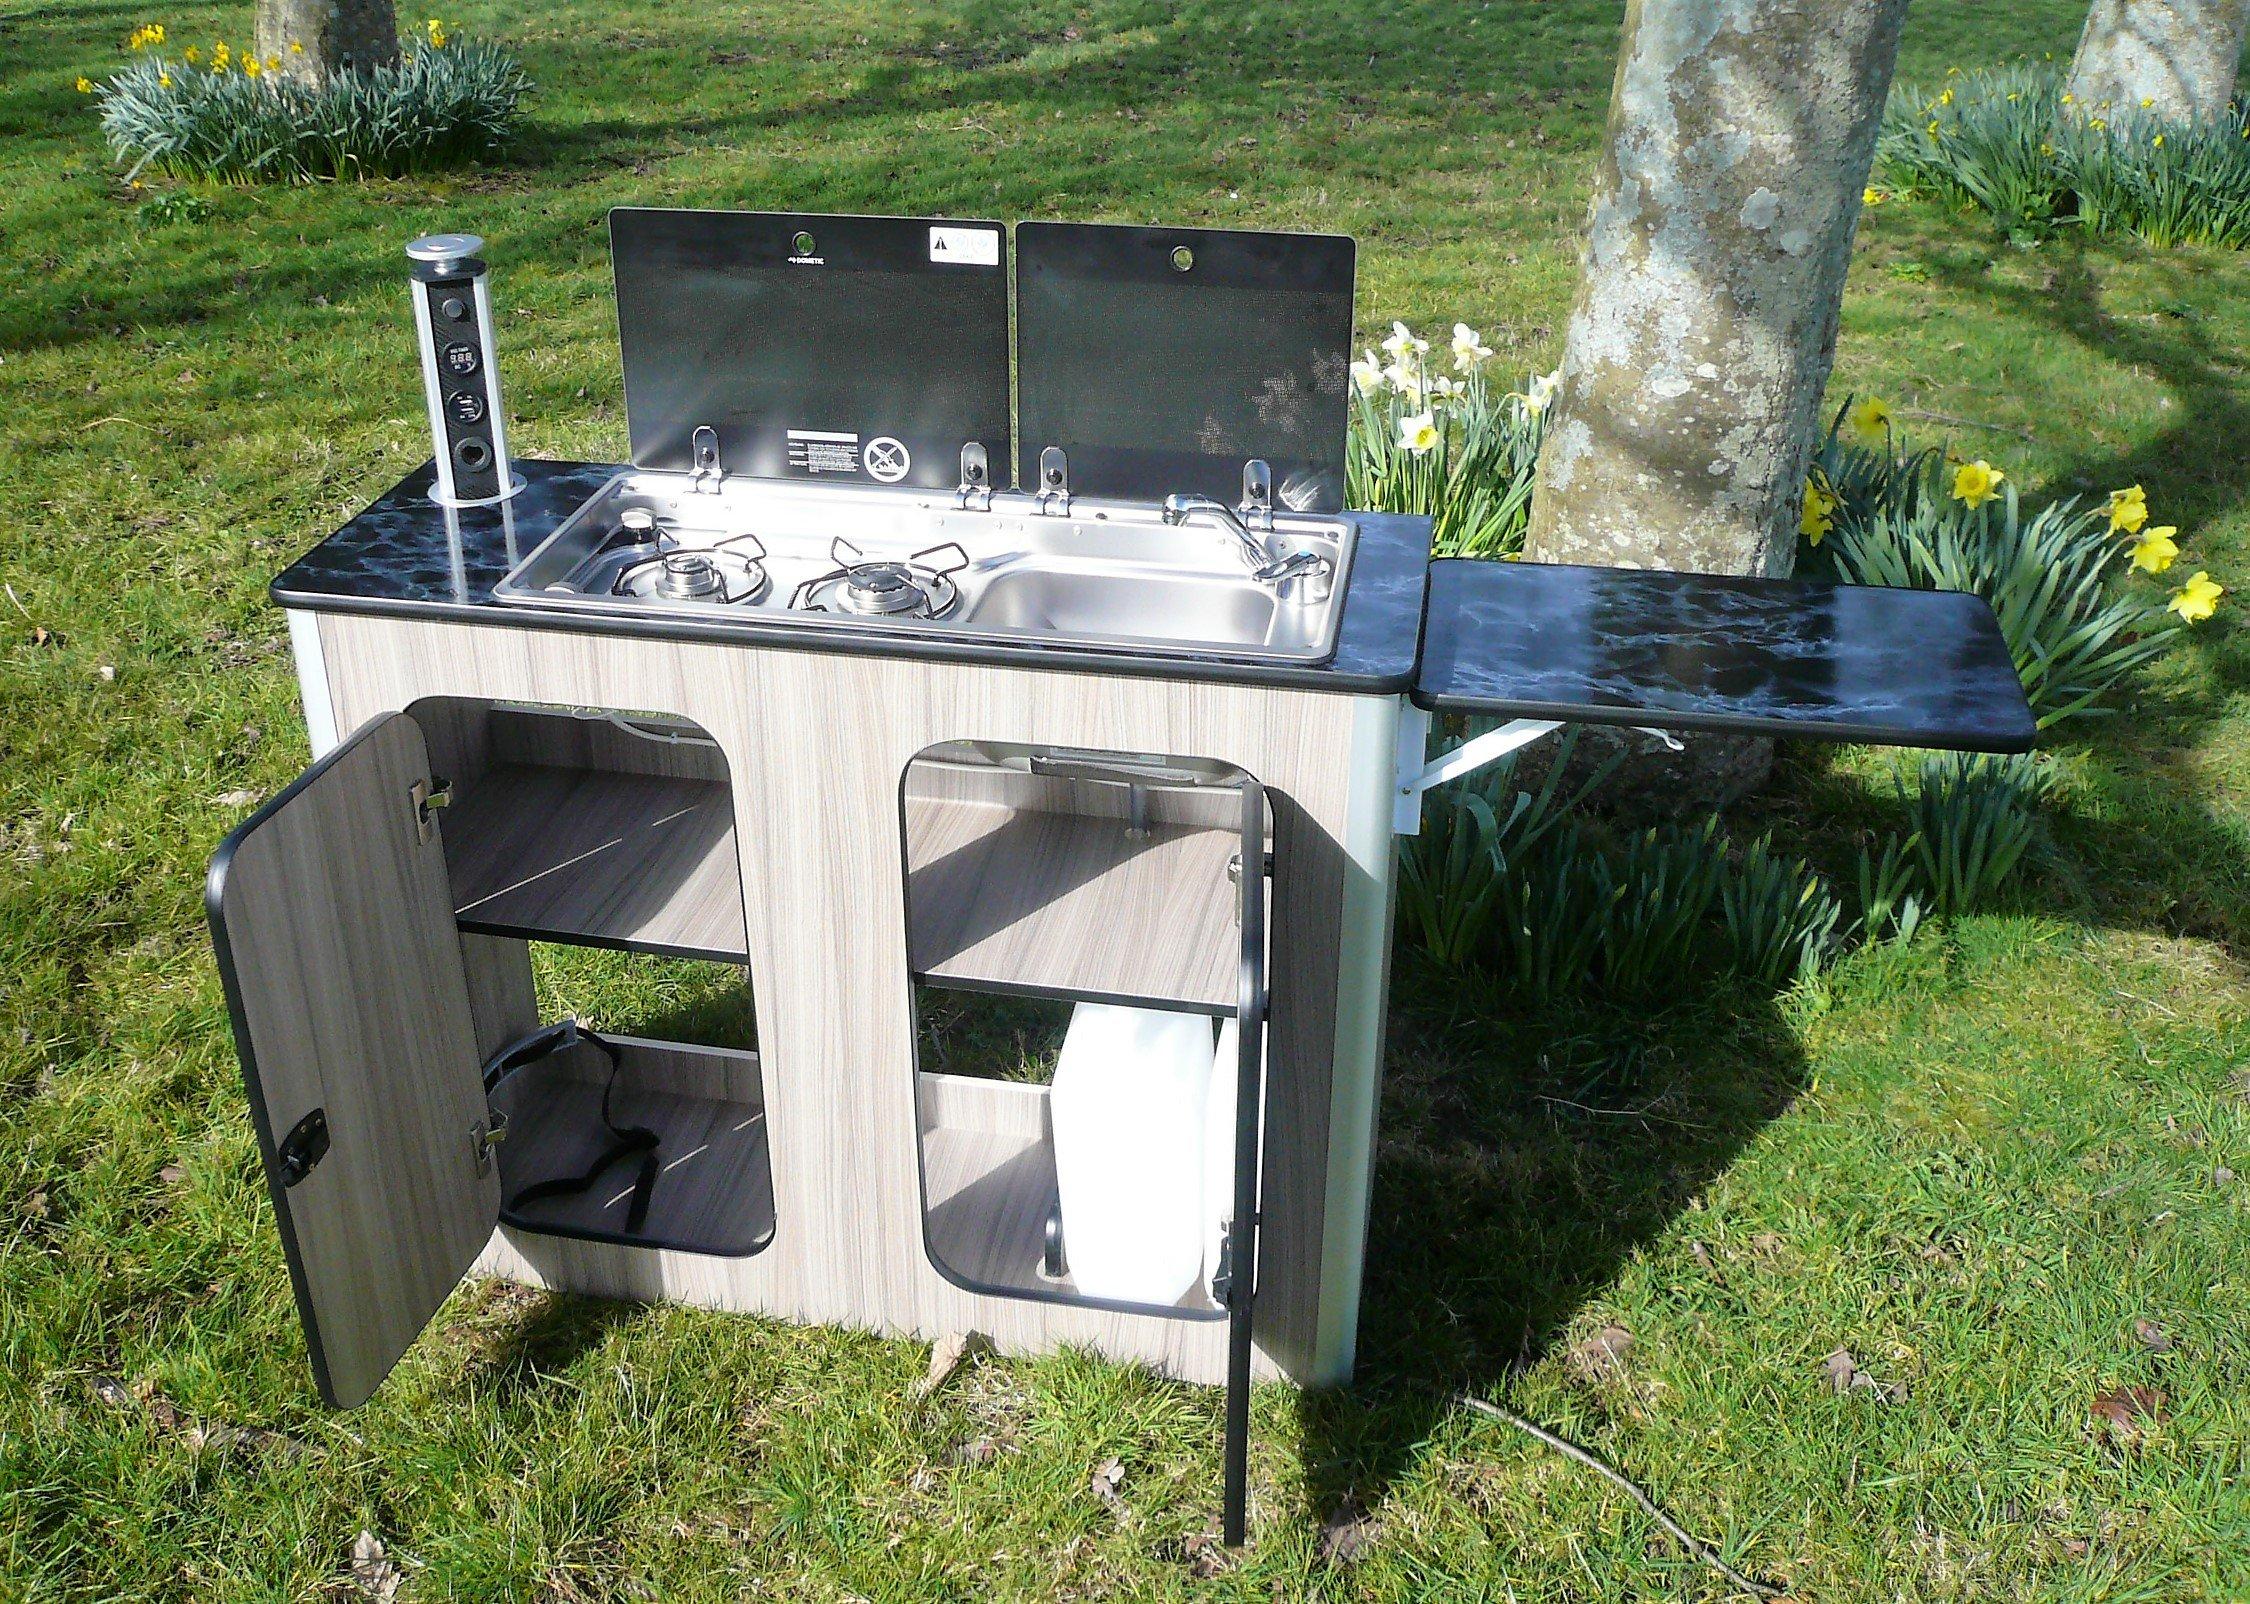 Campervan Kitchen Pod Motorhome Furniture Unit Built To Order For Any Van Buy Online In Germany At Desertcart De Productid 61820405